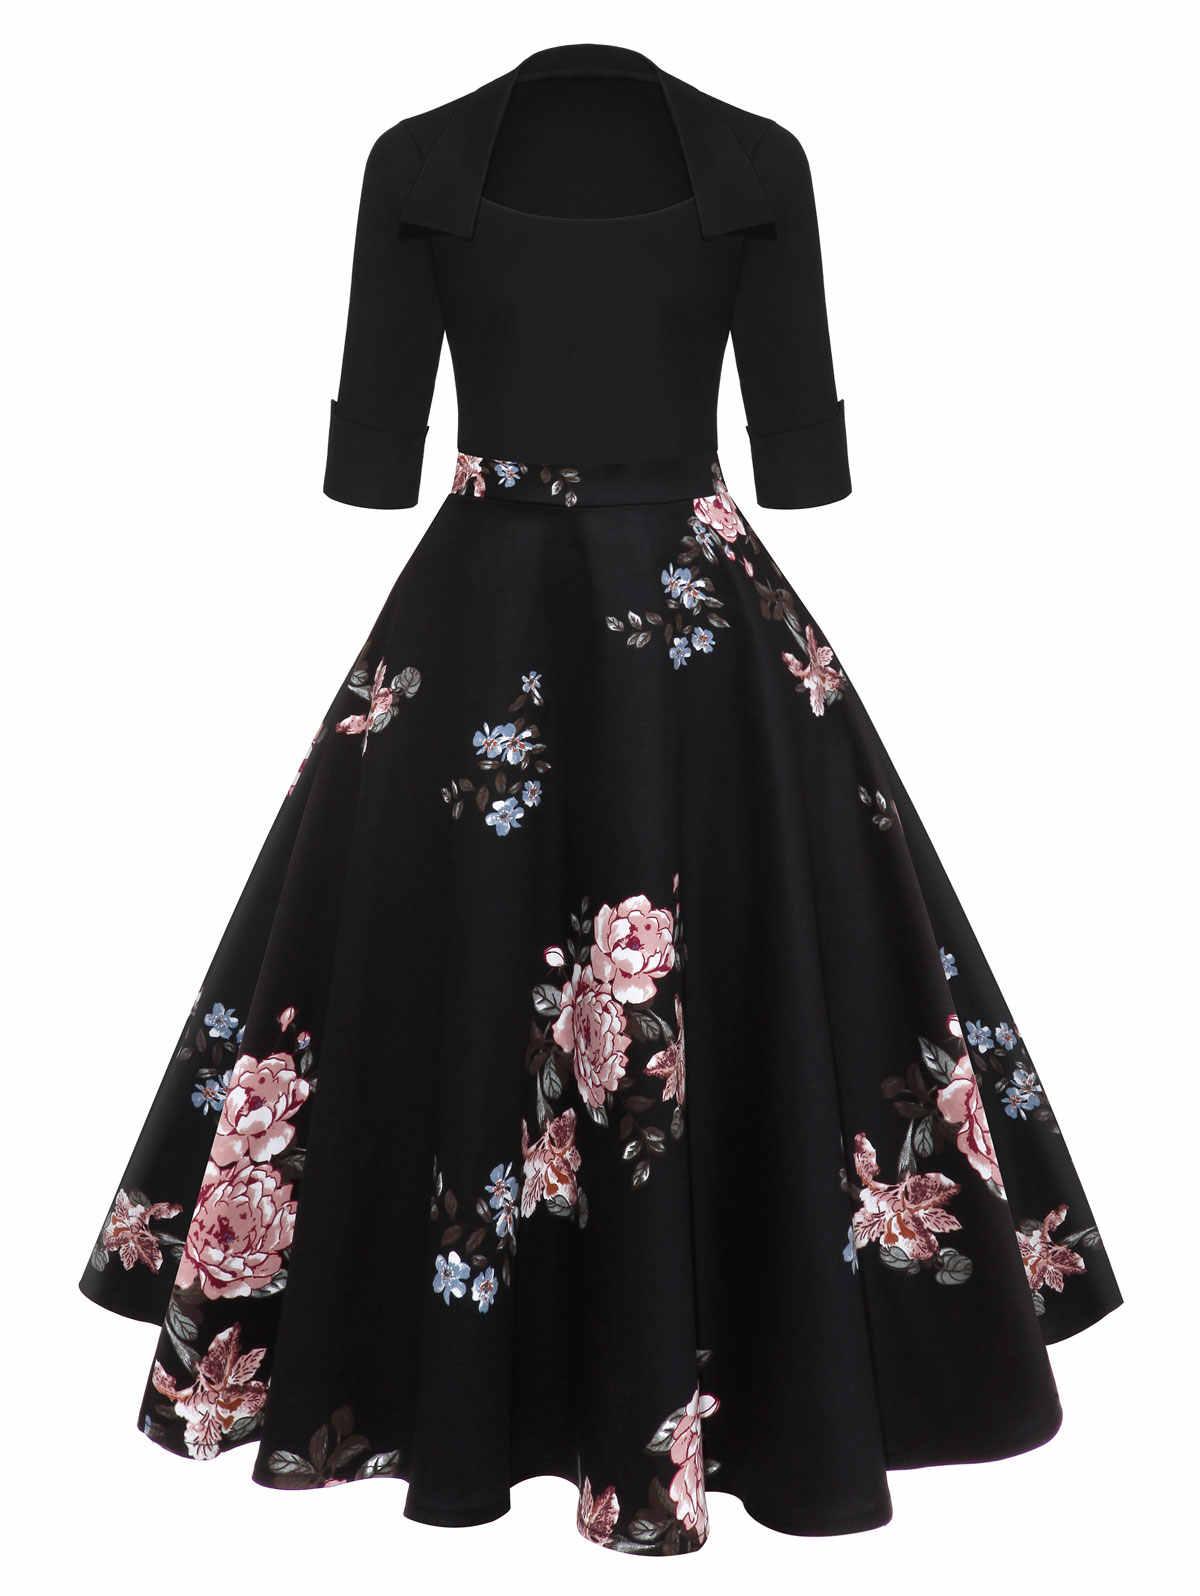 Gamiss Женская мода 2018 цветочный принт черное миди винтажное расклешенное платье Vestidos квадратное бальное платье с круглым вырезом ТРАПЕЦИЕВИДНОЕ элегантное вечернее платье